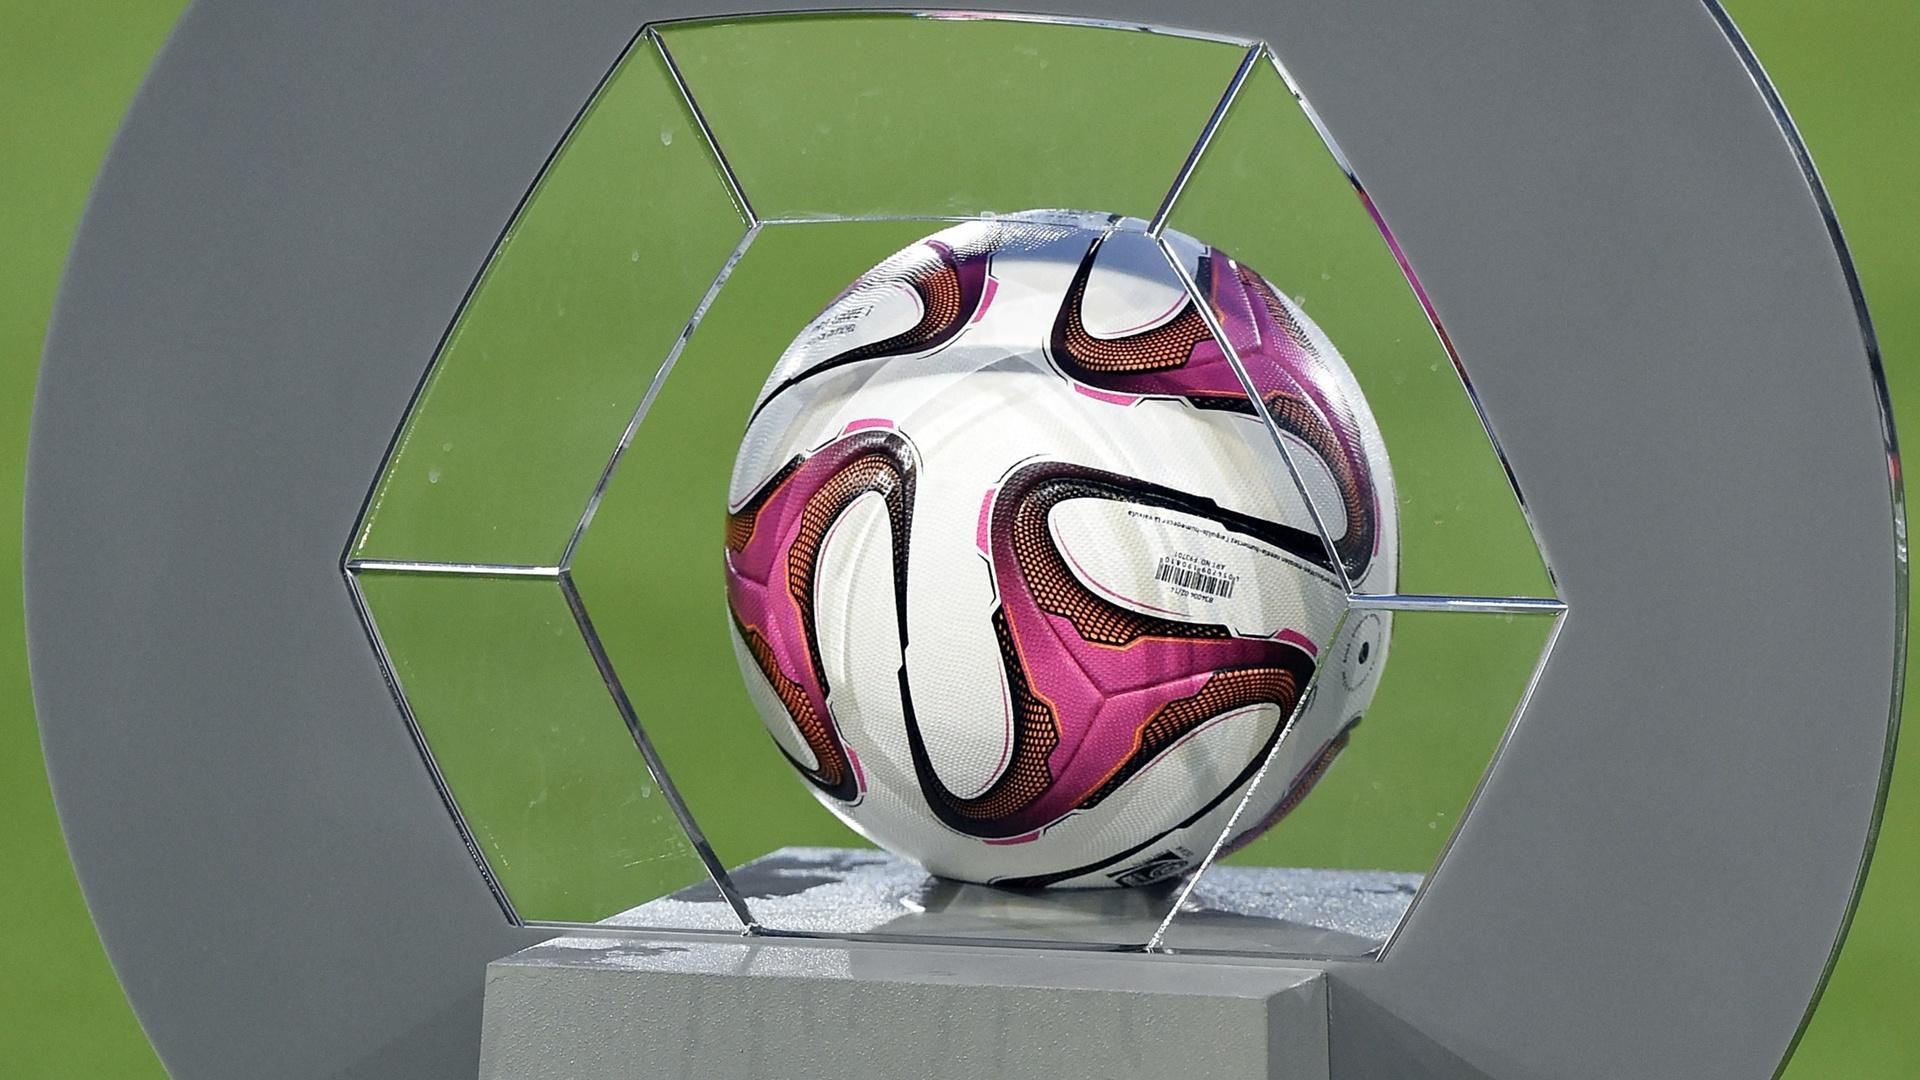 الدوري الإسباني يغير مواعيد مبارياته بسبب مسابقة غنائية